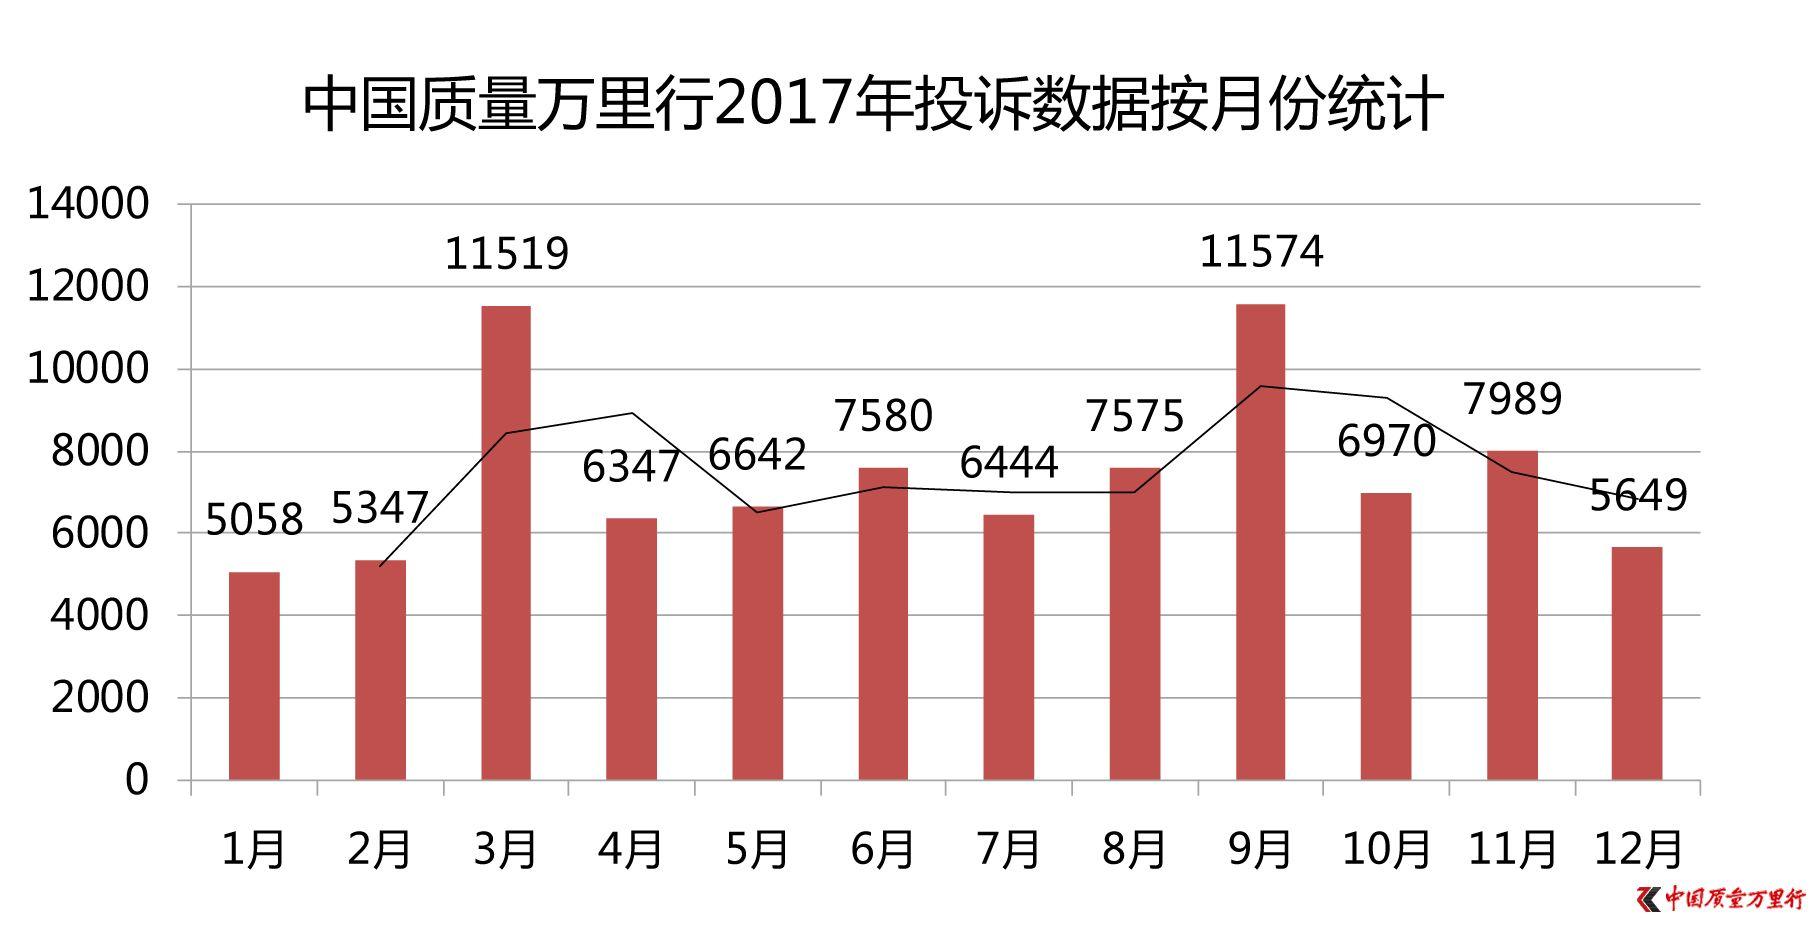 中国质量万里行2017年度消费投诉分析报告